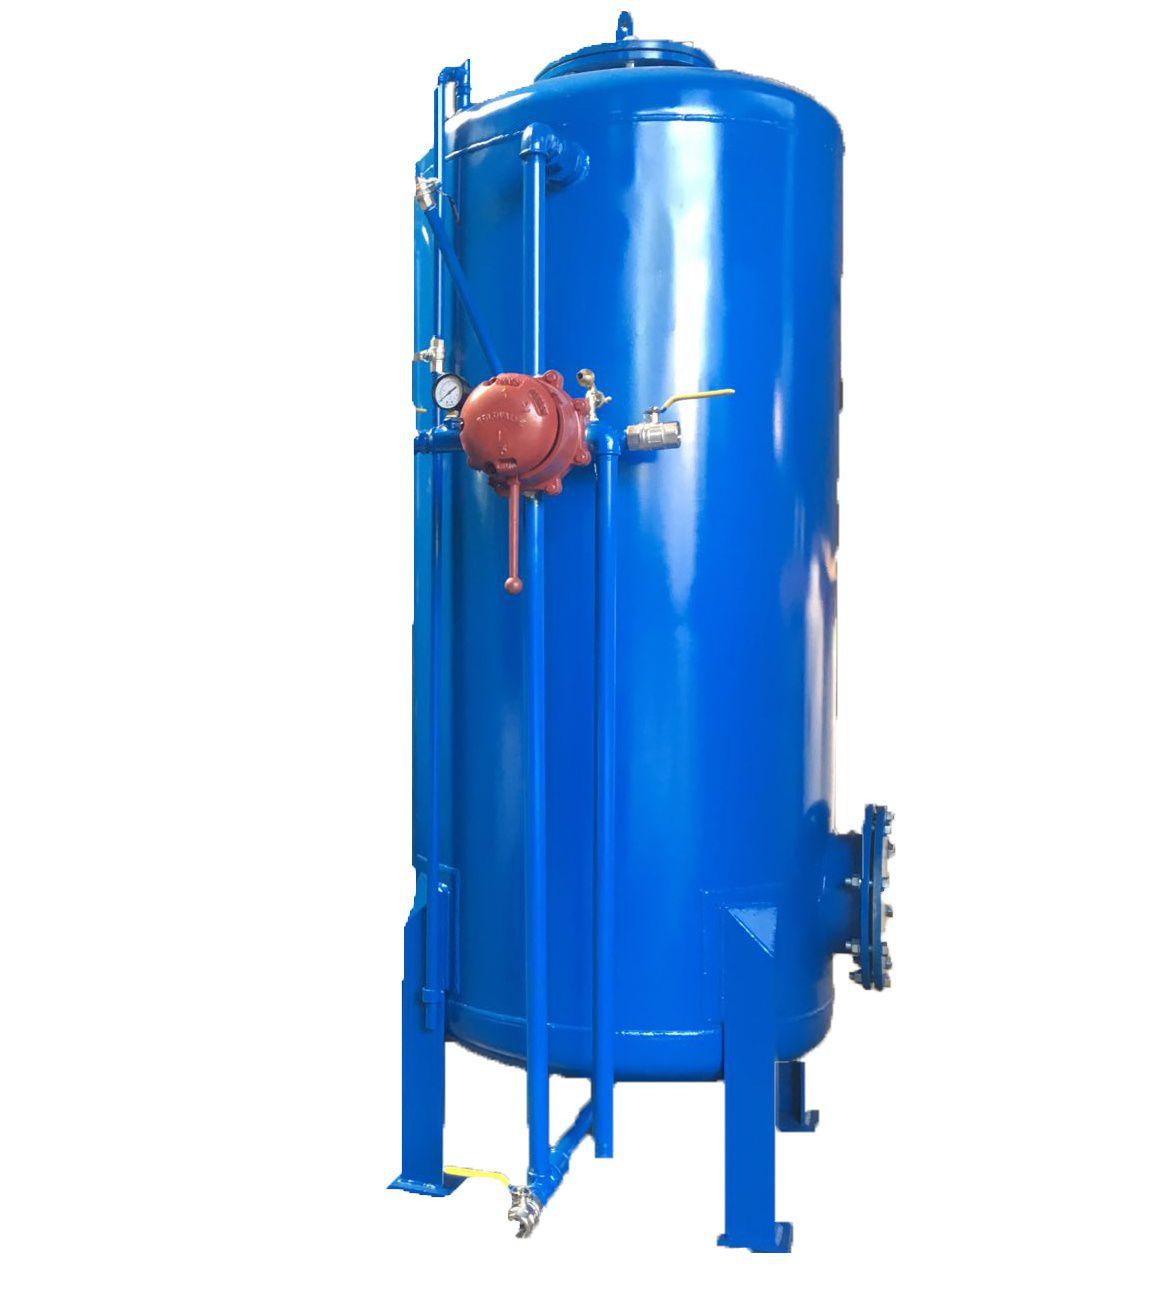 دستگاه سختی گیر FRP رخشاب با ظرفیت 30 کیلو گرین